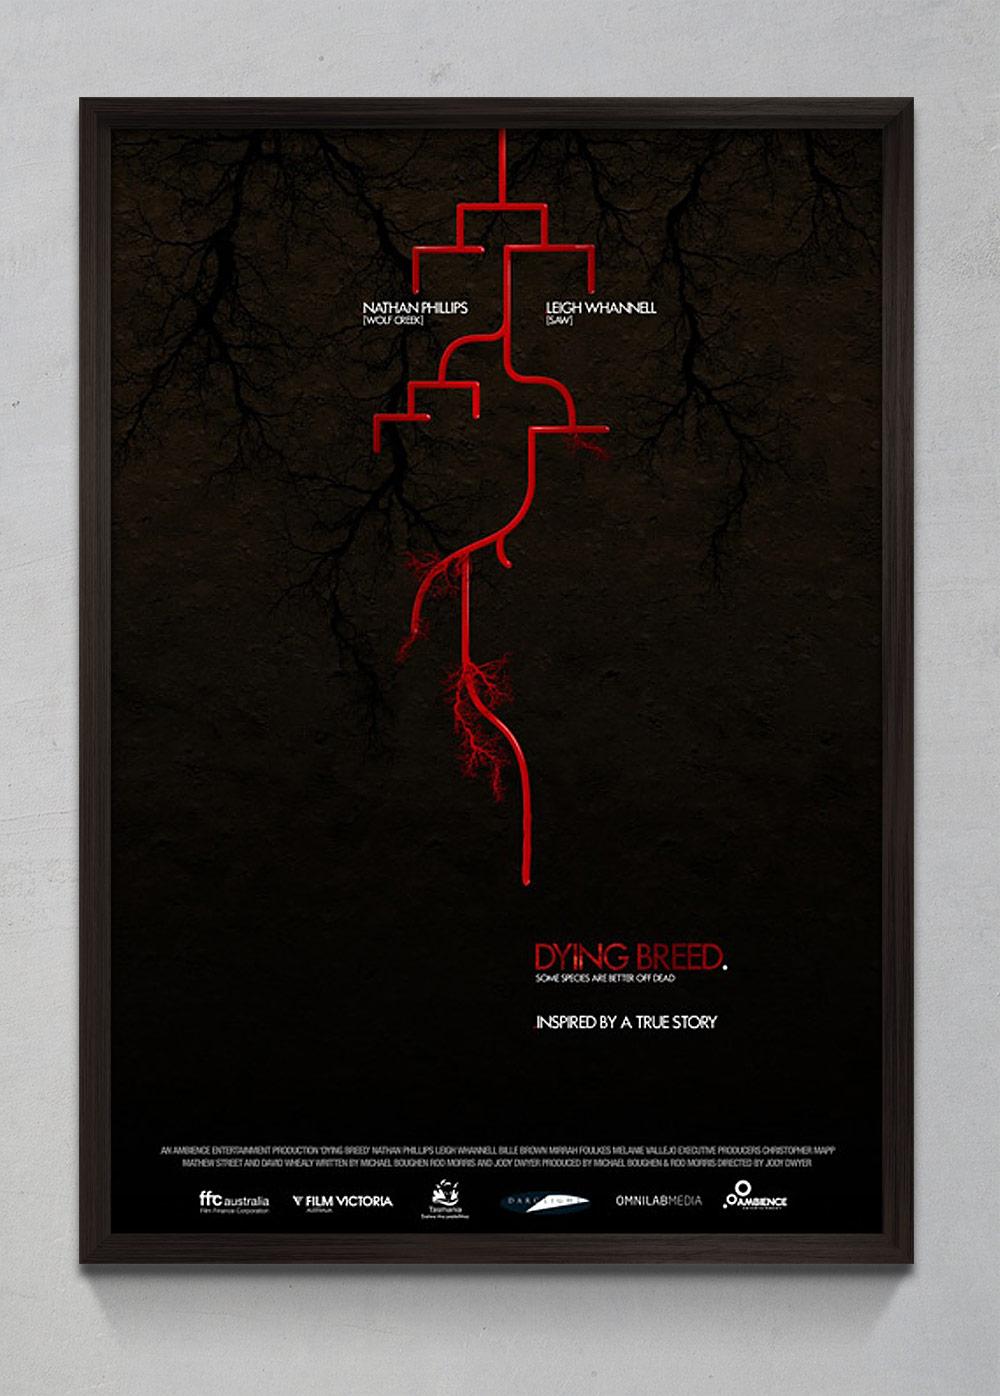 DyingBreed_Poster_Framed_02.jpg